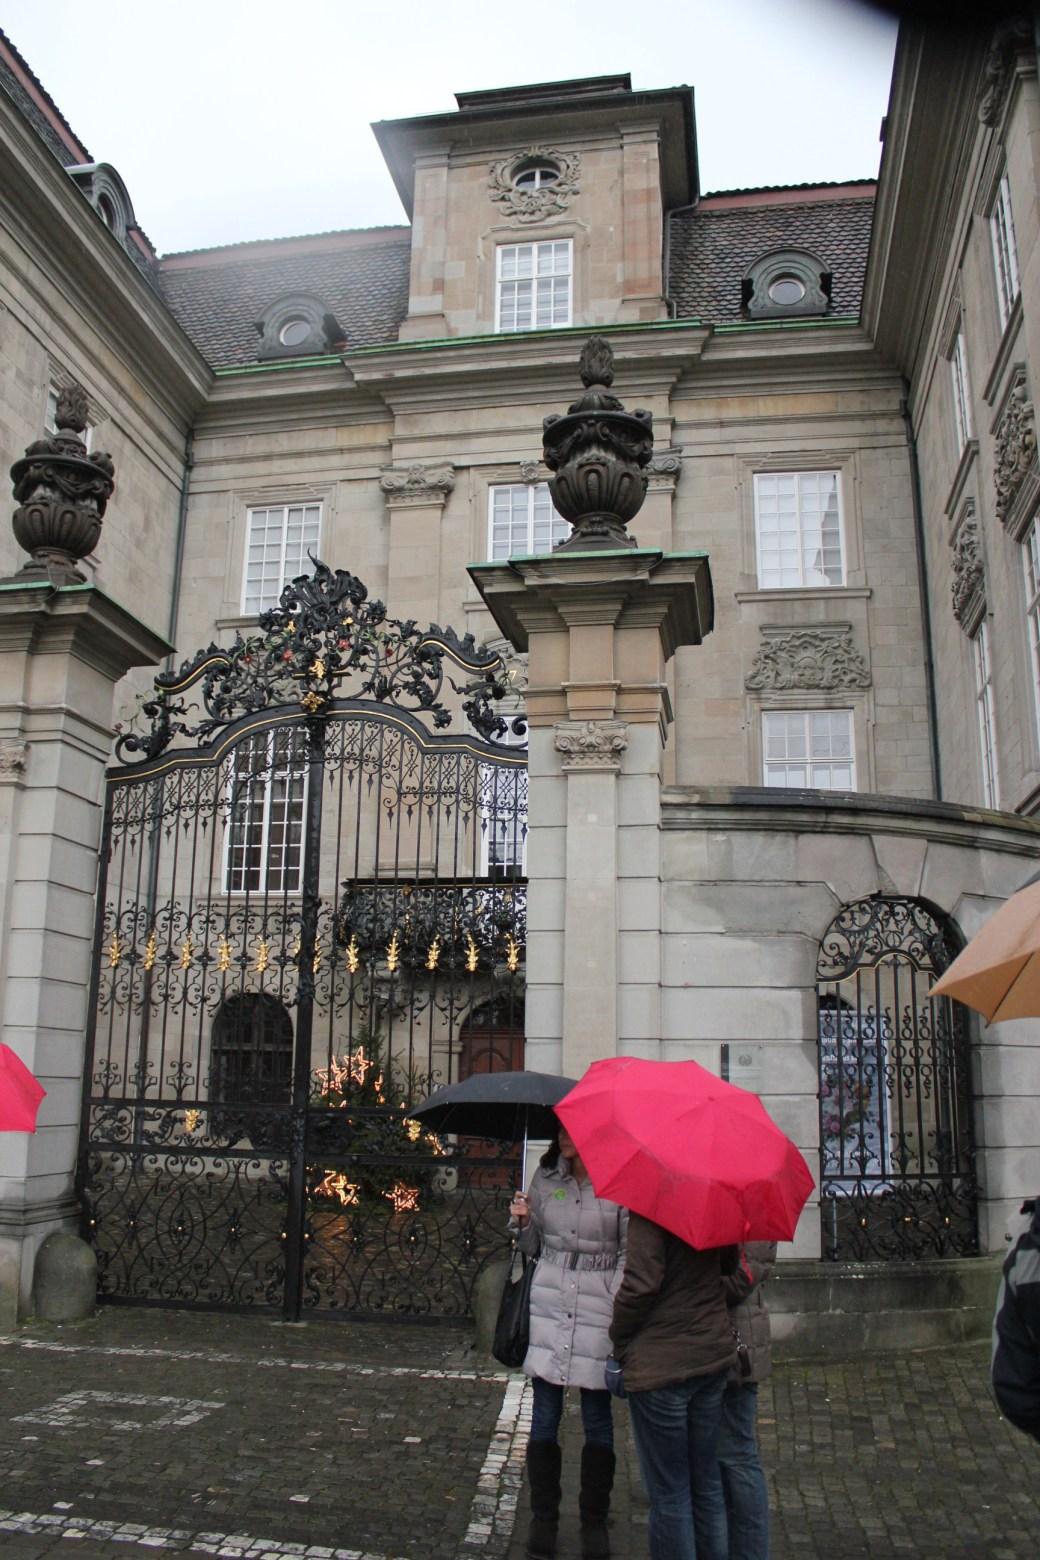 Umbrellas; Zurich, Switzerland; 2011